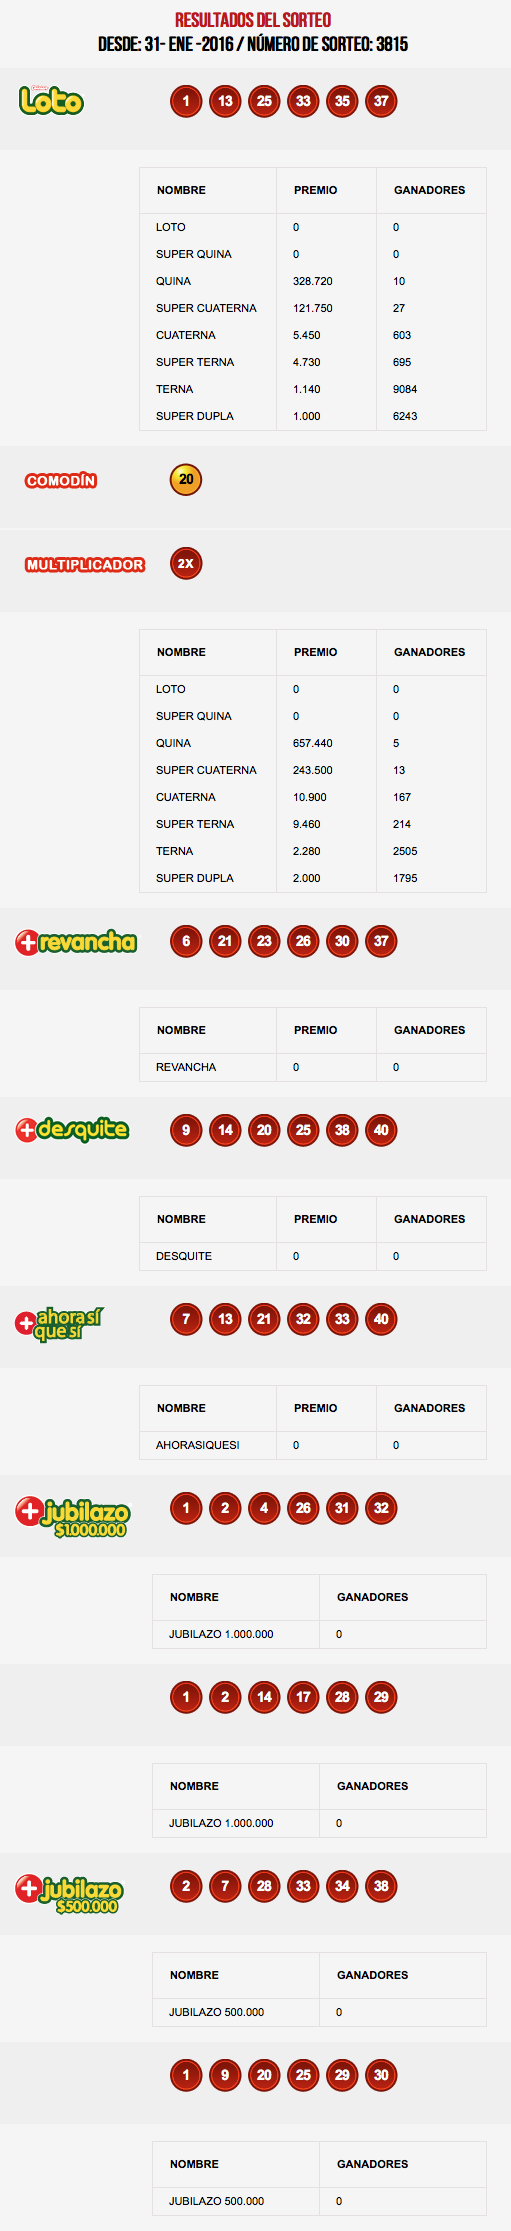 resultados-loto-chile-sorteo-3815